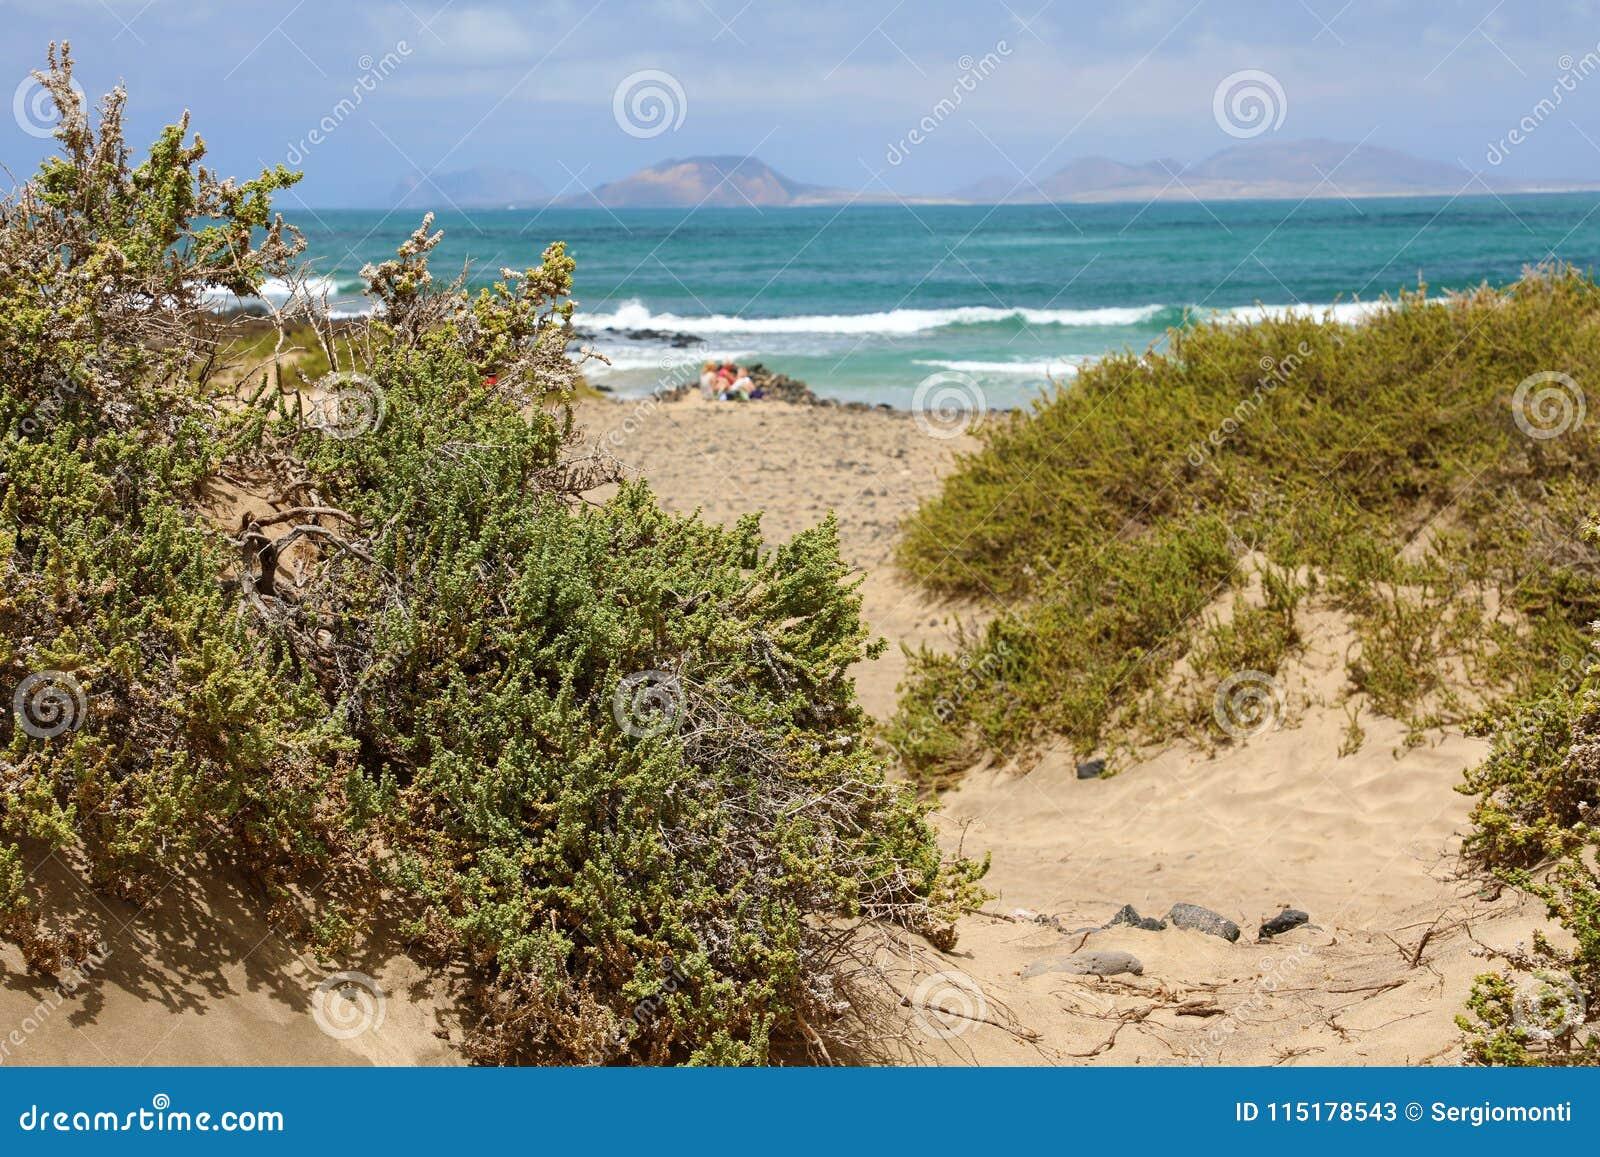 Wild beach in Caleta de Famara, Lanzarote Island, Spain